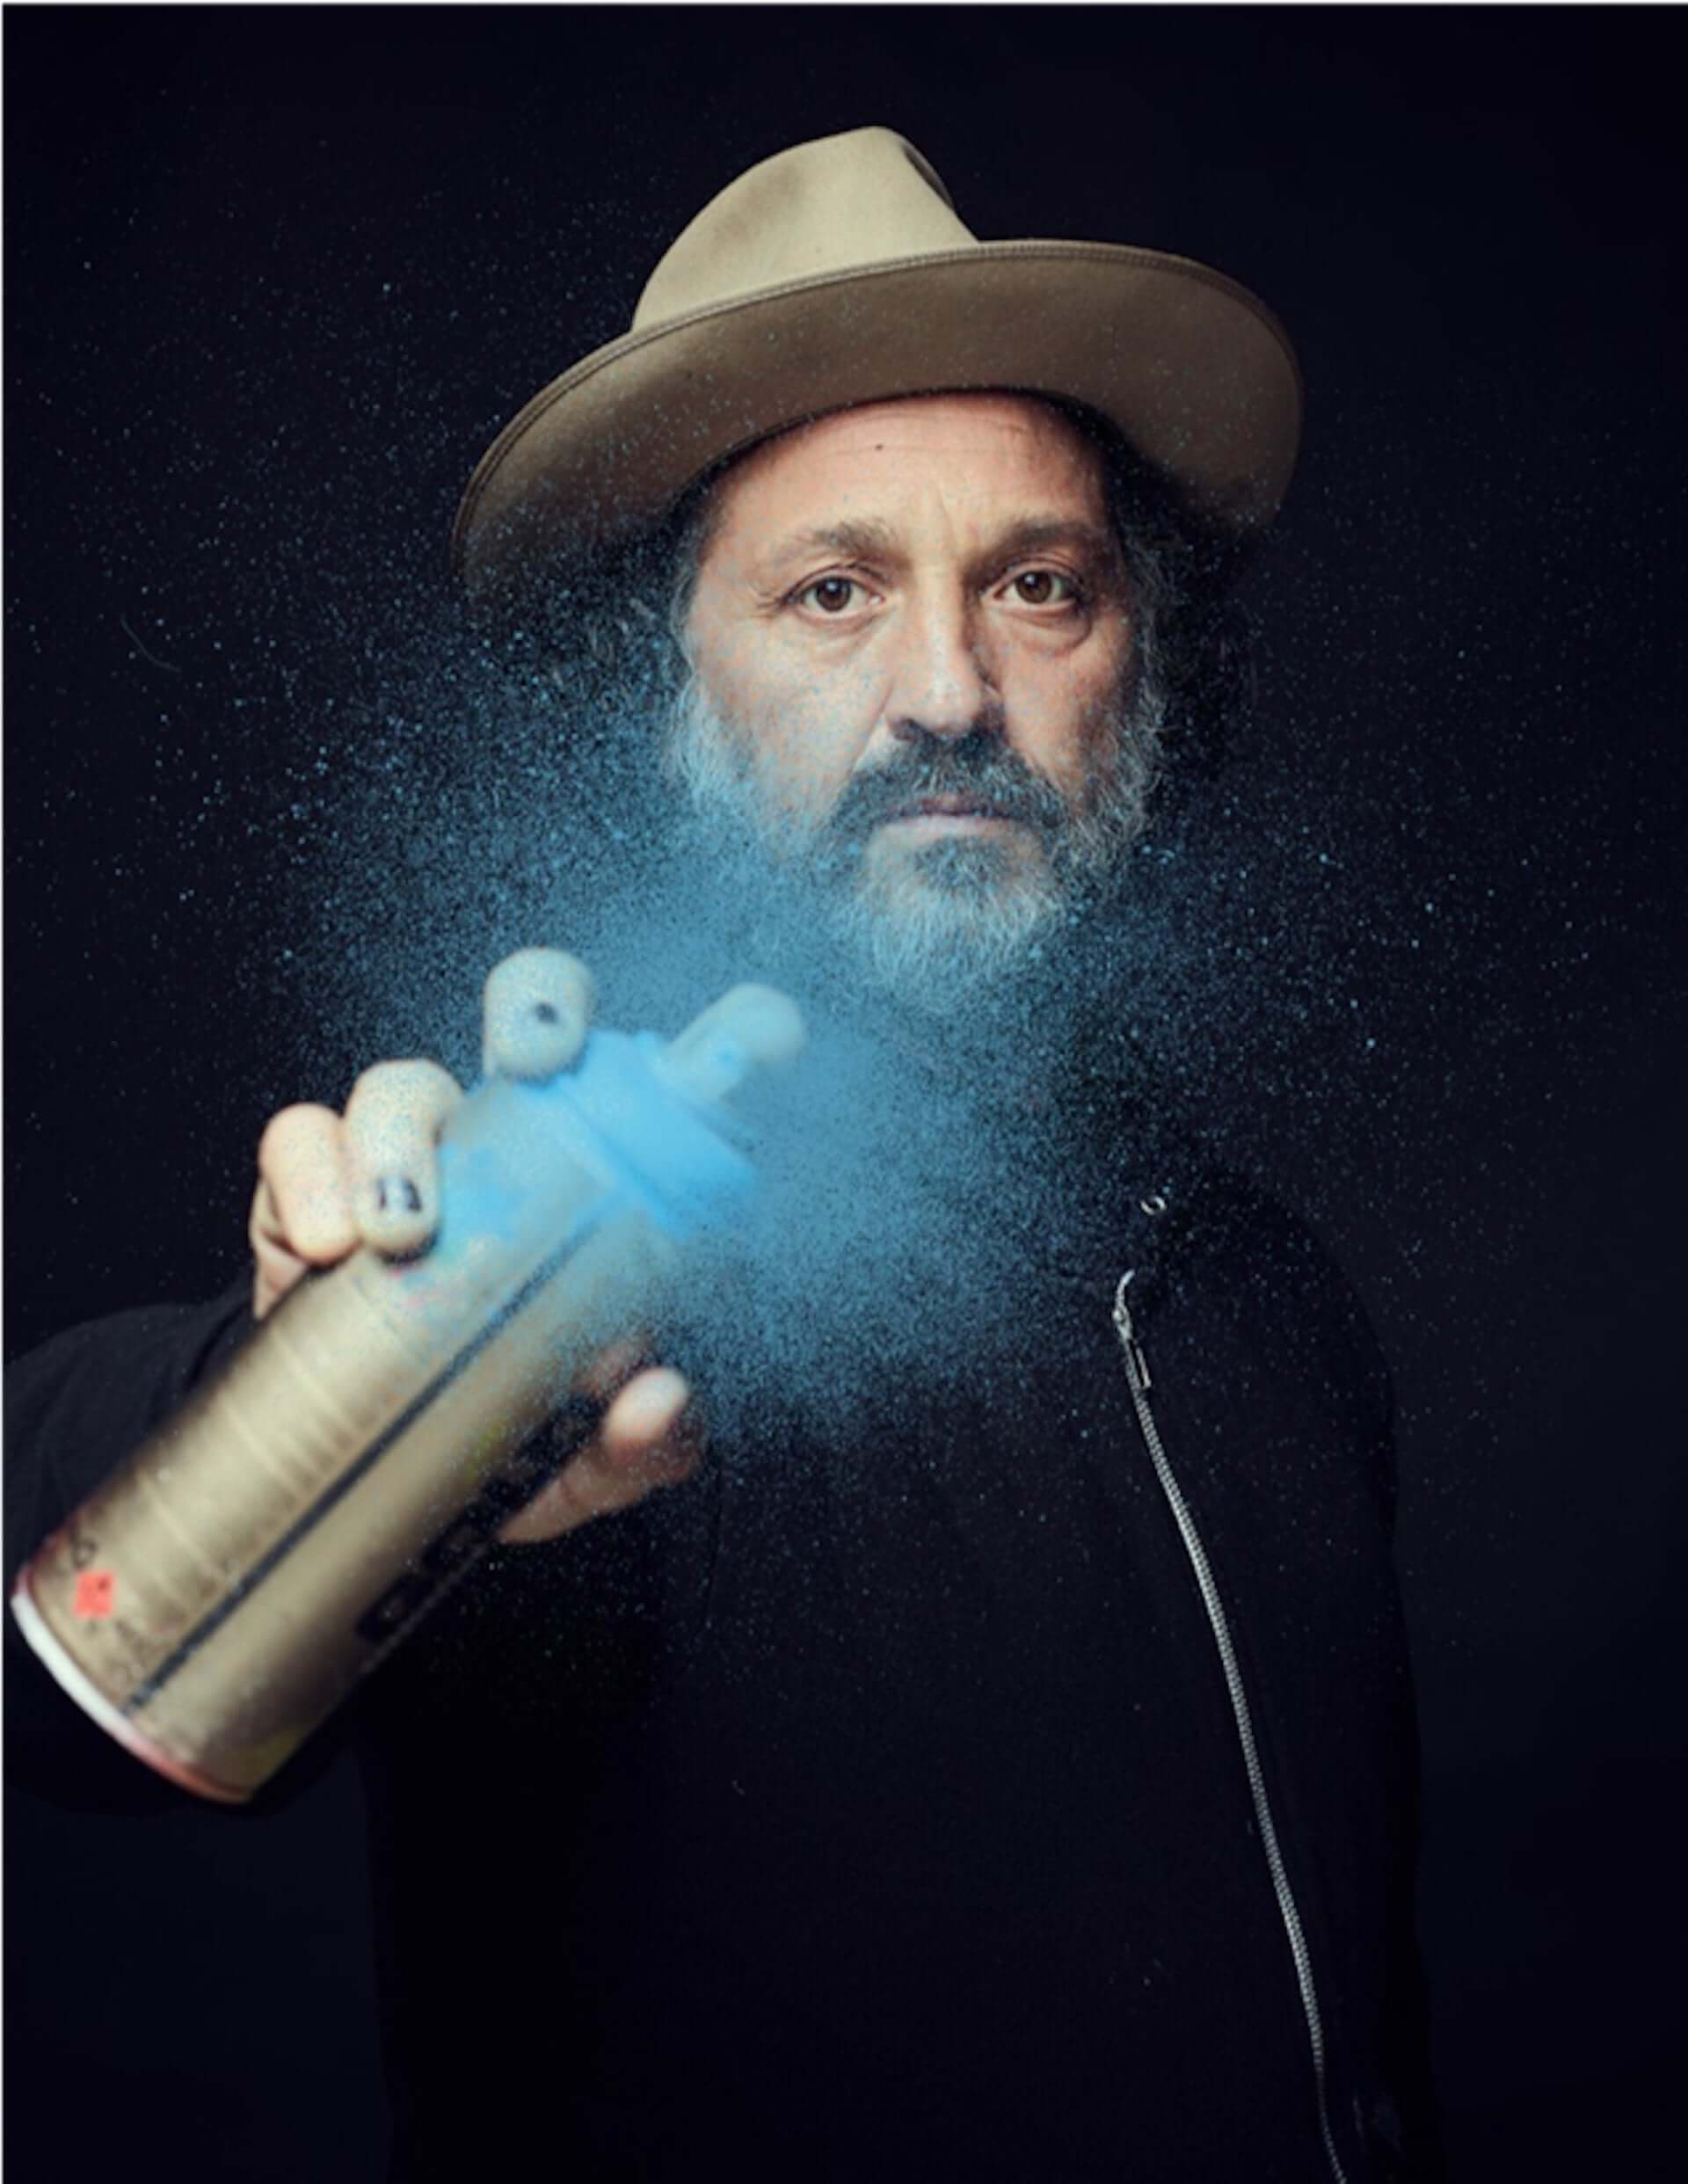 バンクシー映画を機にアーティストになったミスター・ブレインウォッシュの大型個展<LIFE IS BEAUTIFUL>が渋谷PARCOにて開催決定! art210216_mr-brainwash_5-1920x2484